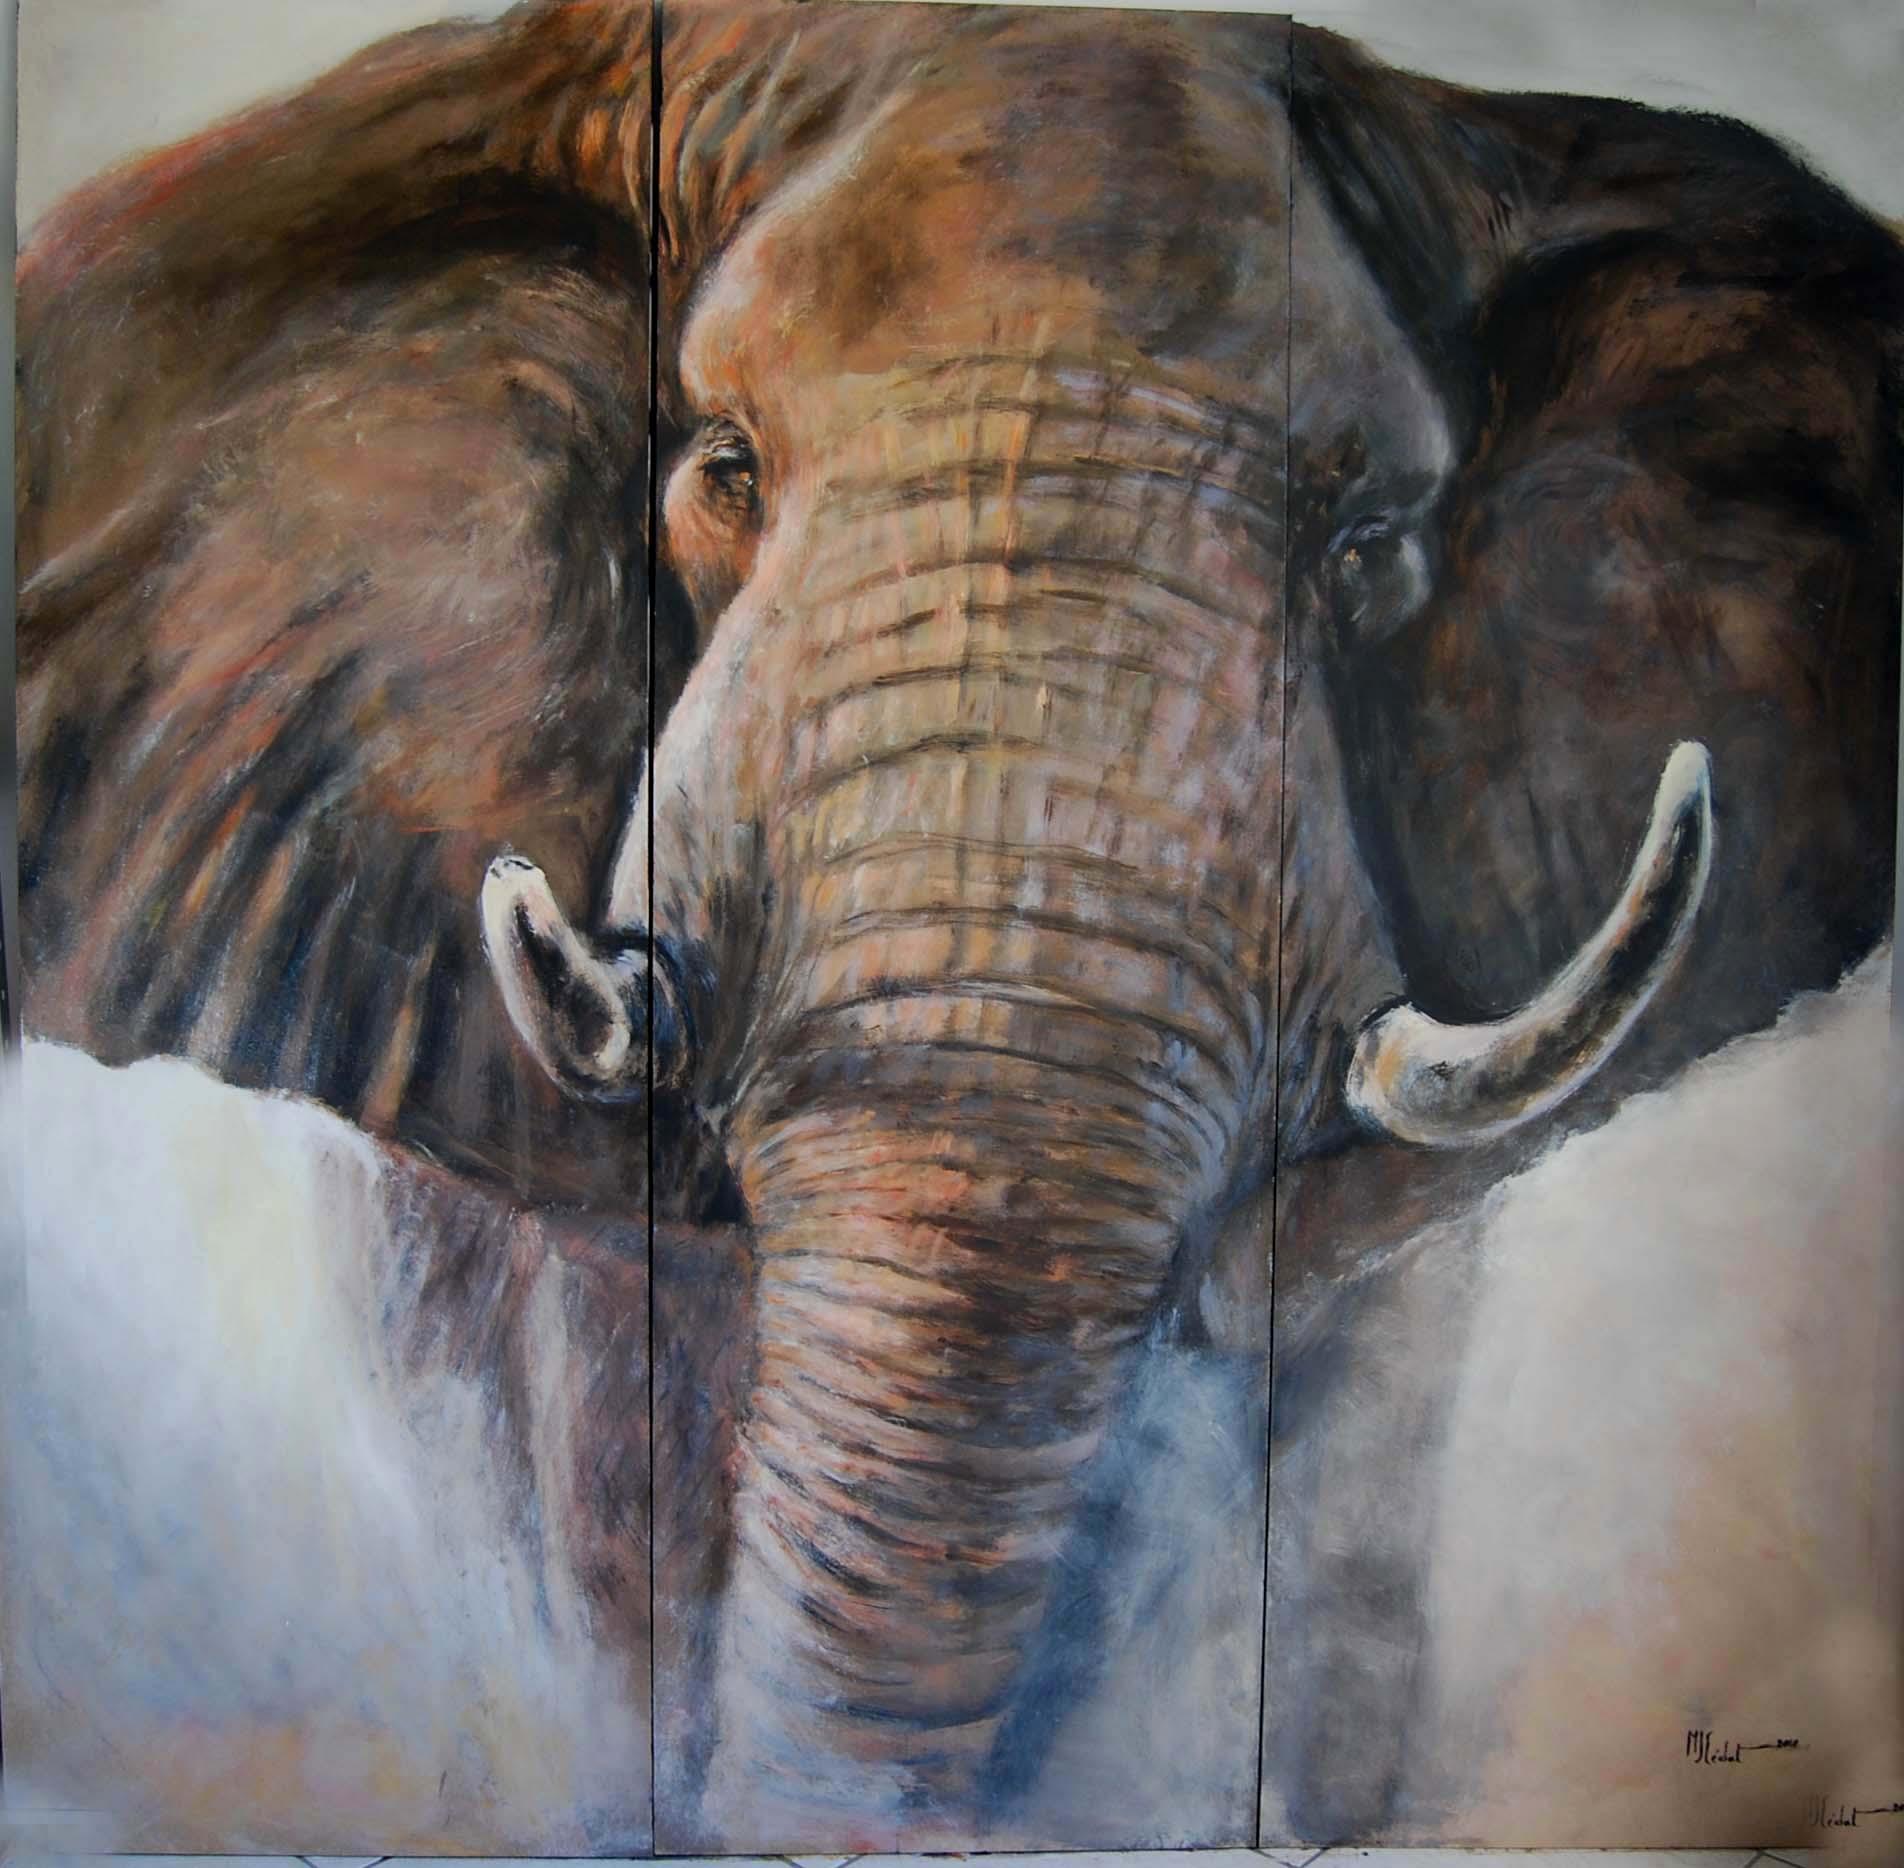 paravent 1 verso – Acrylique sur toile de lin brut-Marie-Joëlle Cédat-artiste animalier peinture animaliere-art-animalier- peintre-animalier